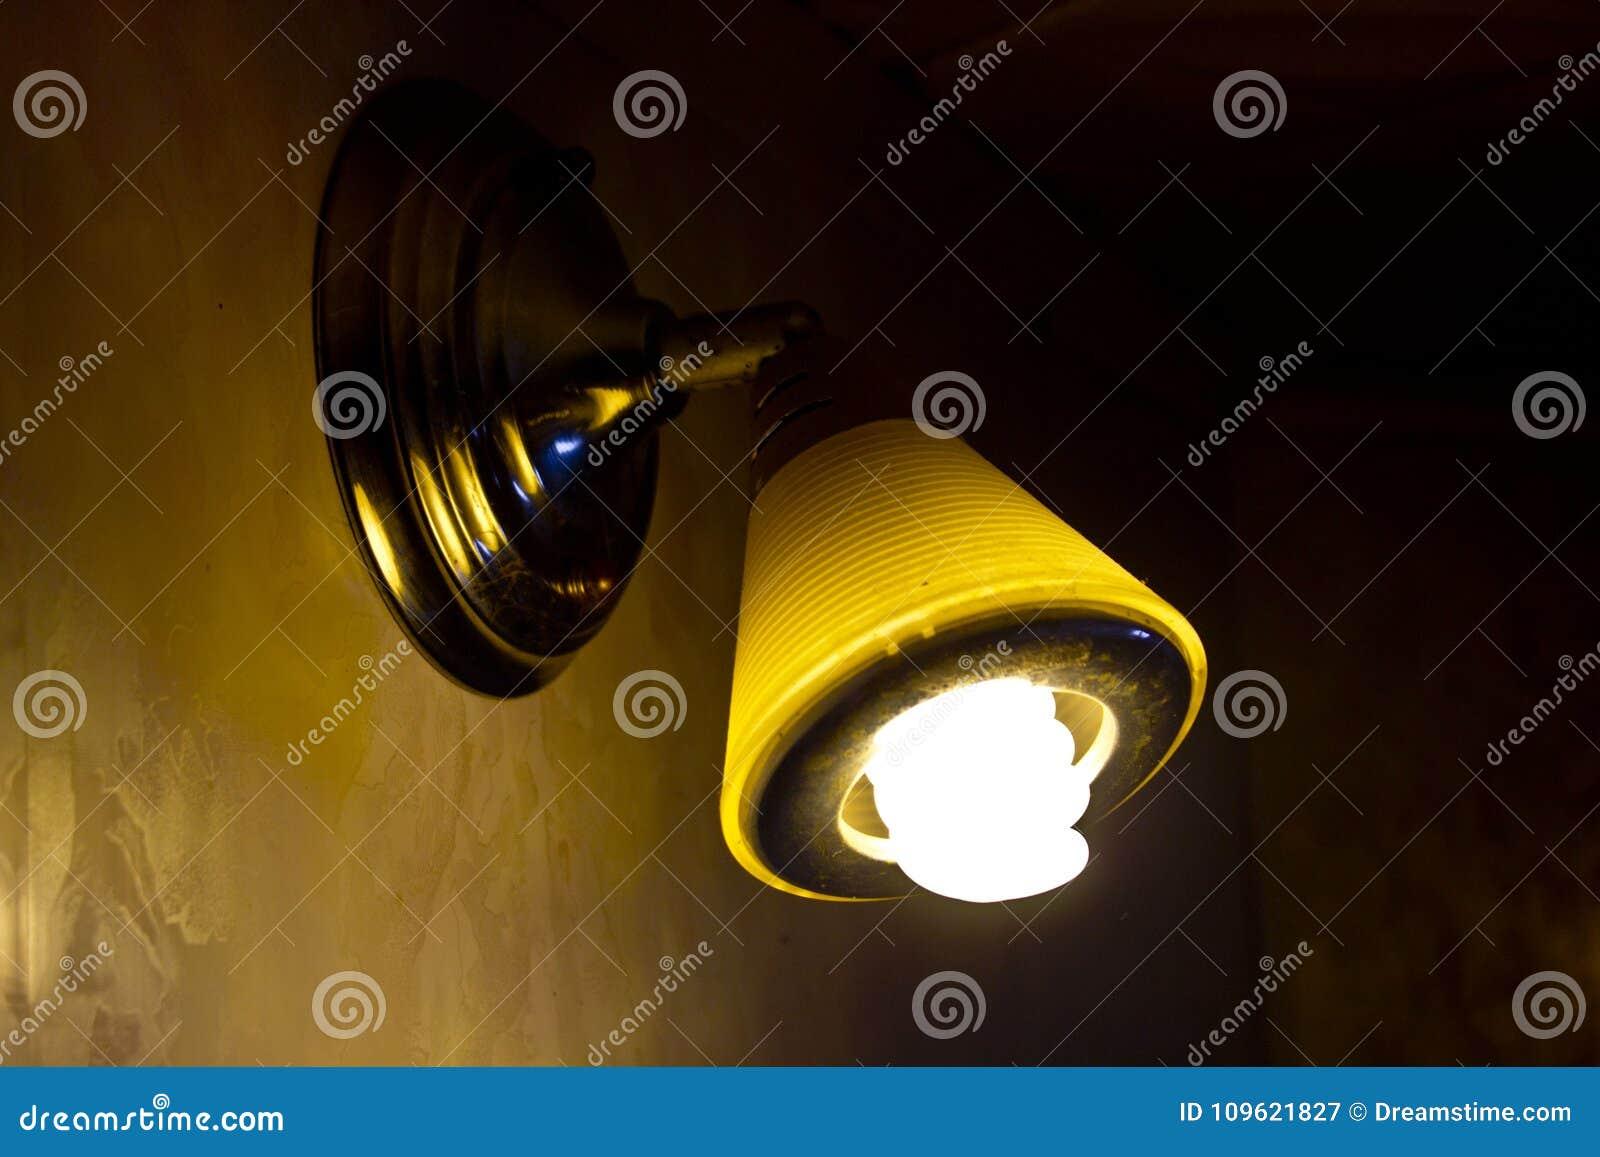 La Lámpara Pared La El Imagen De Y Techo Noche Brilla En La 7vI6gYbyf